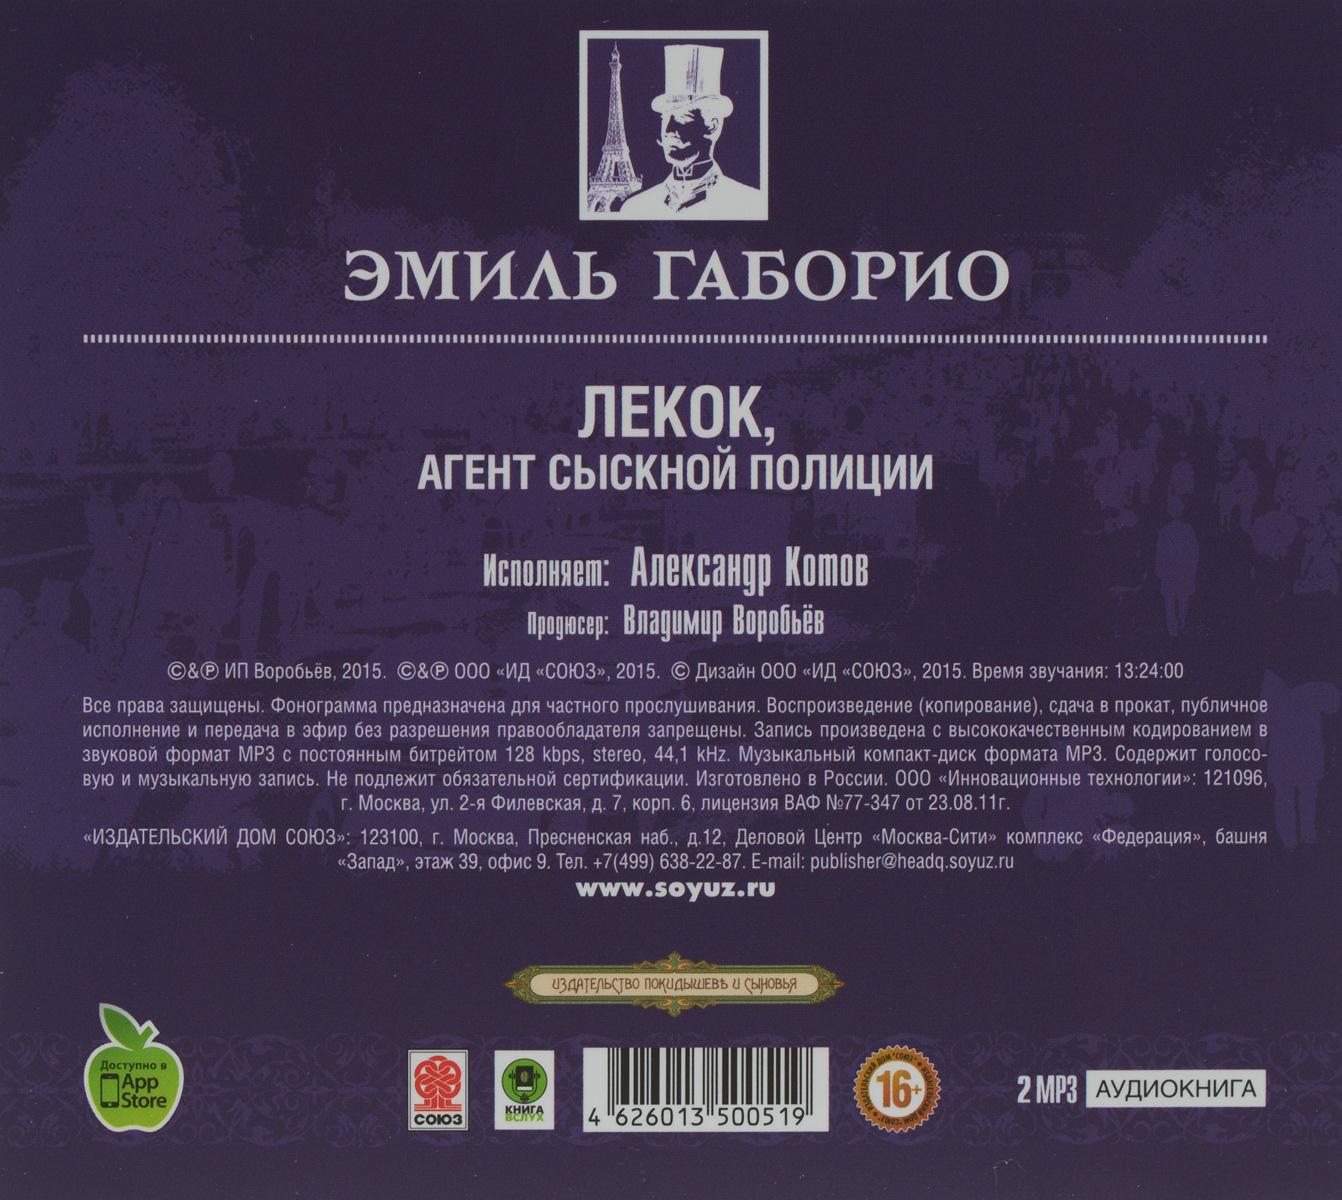 Лекок, агент сыскной полиции (аудиокнига MP3 на 2 CD)